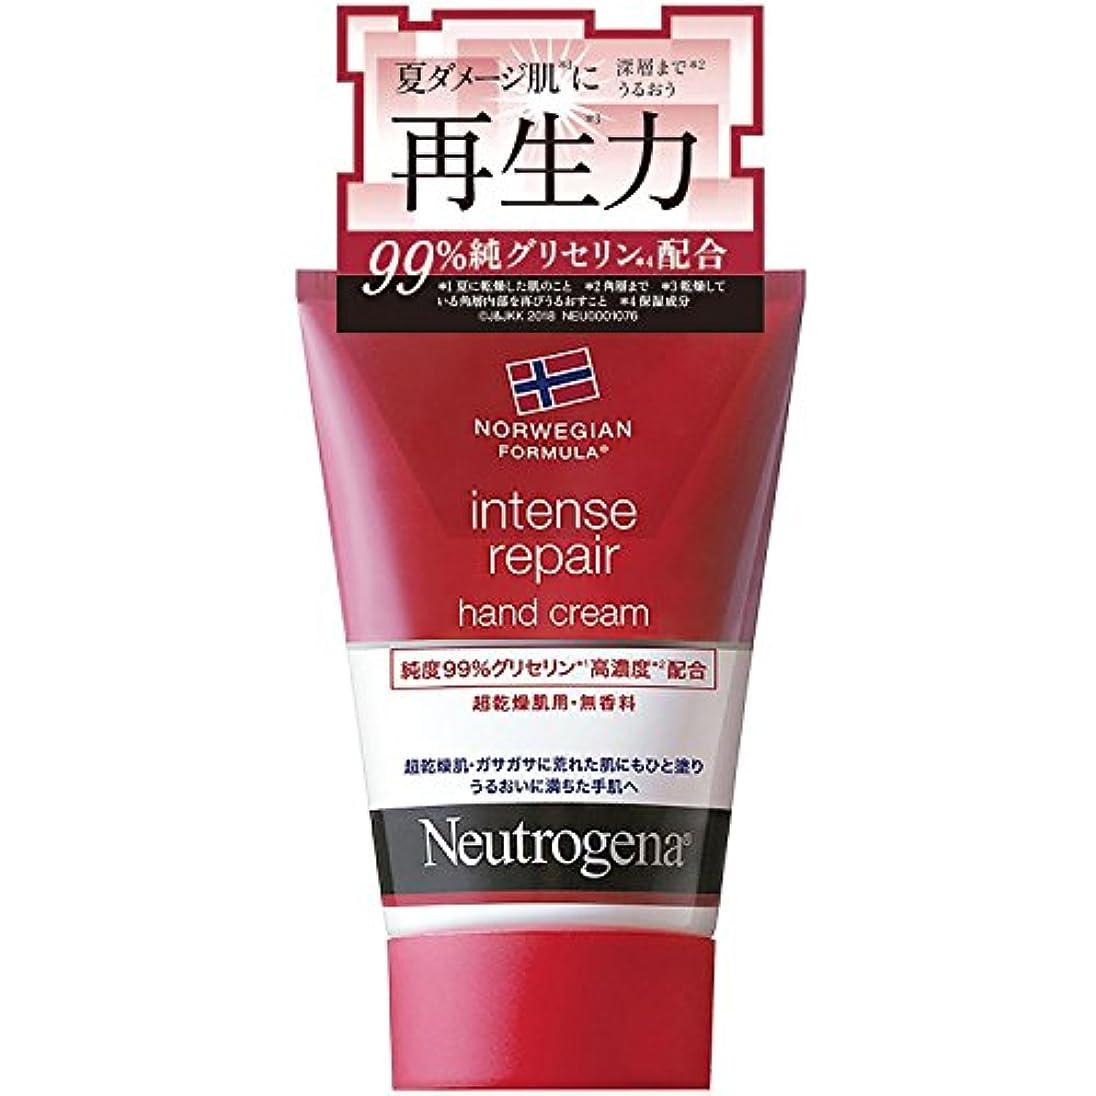 羨望主人チャンピオンNeutrogena(ニュートロジーナ) ノルウェーフォーミュラ インテンスリペア ハンドクリーム 超乾燥肌用 無香料 単品 50g